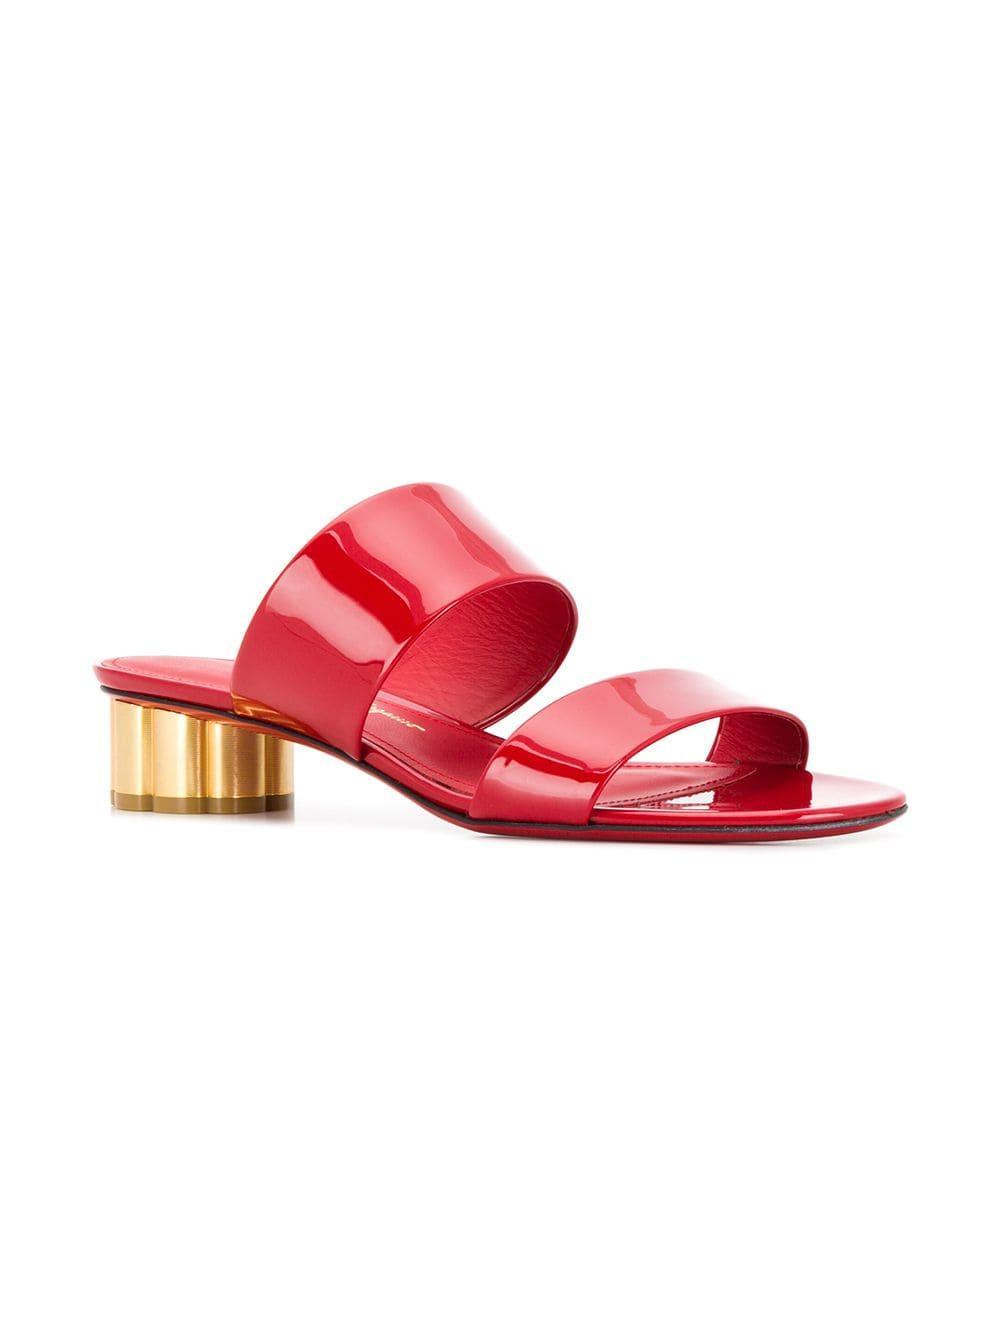 1f0faf5196e7 Women s Red Flower Heel Sandals